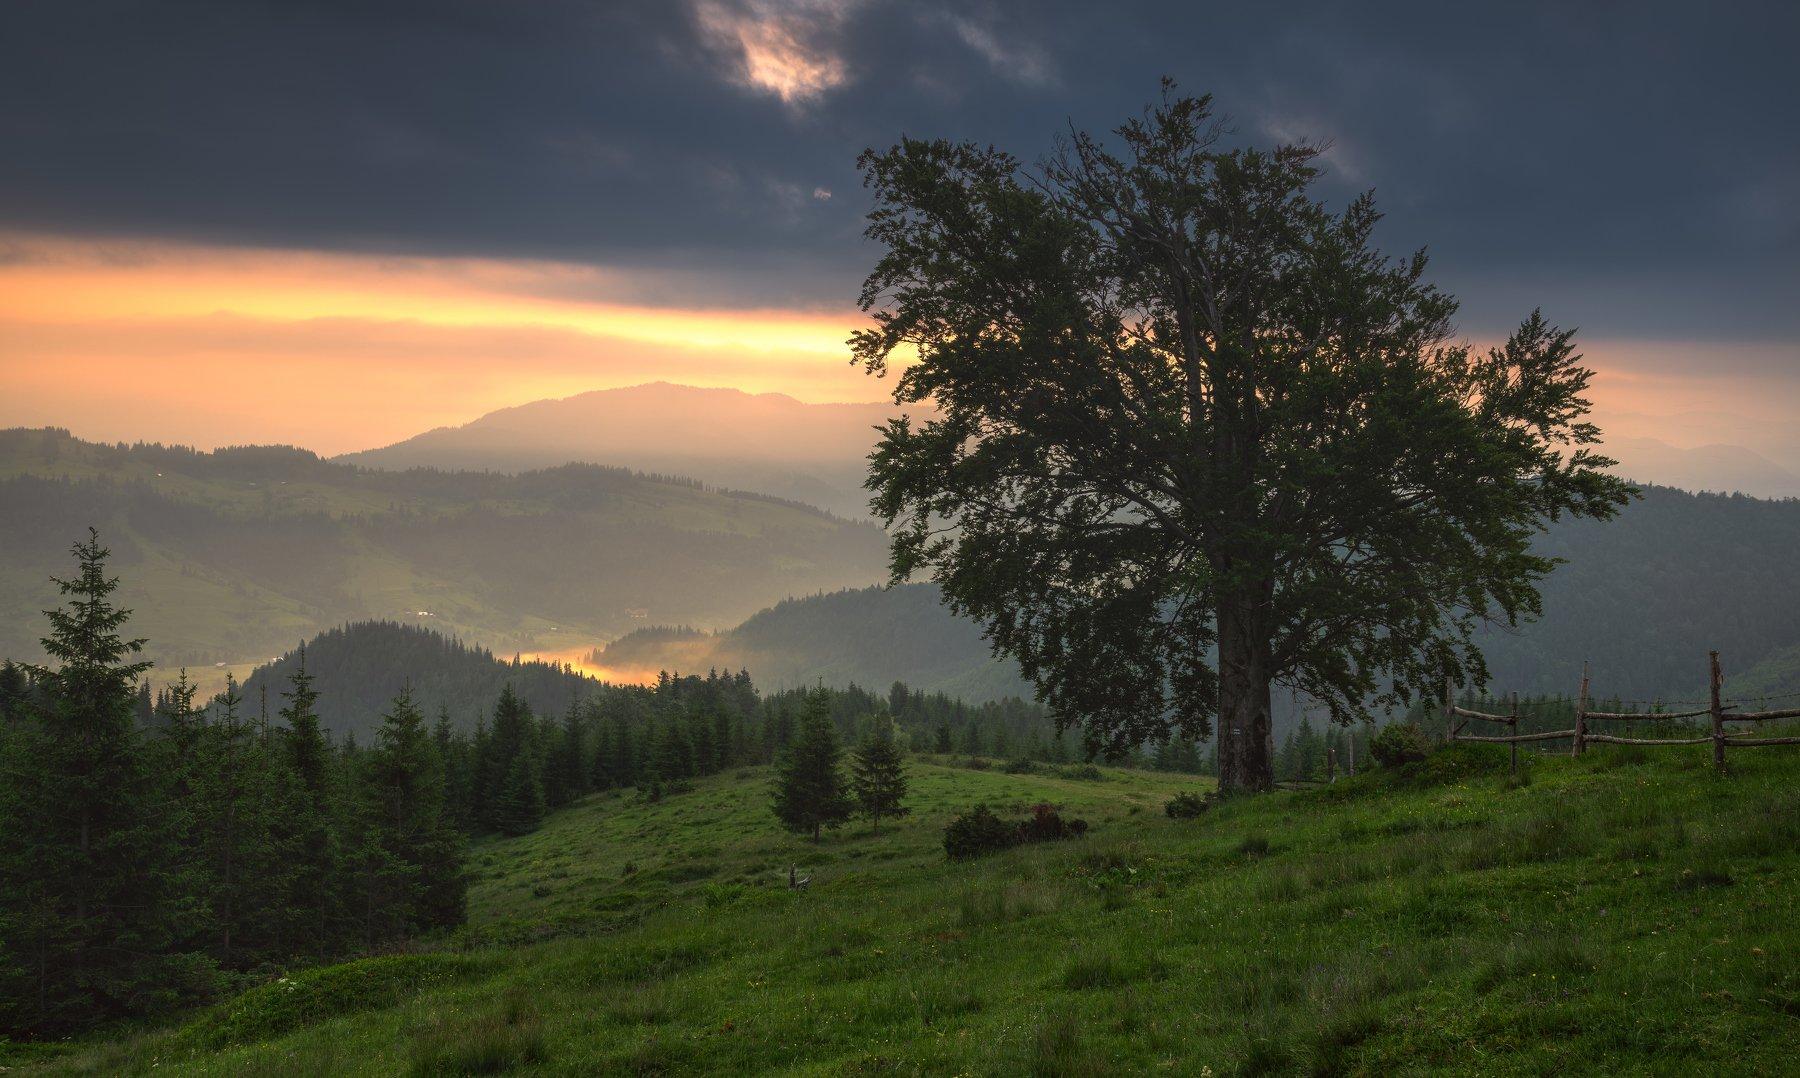 карпаты, черногорский хребет, полонина смотрич, дземброня, Зинченко Роман